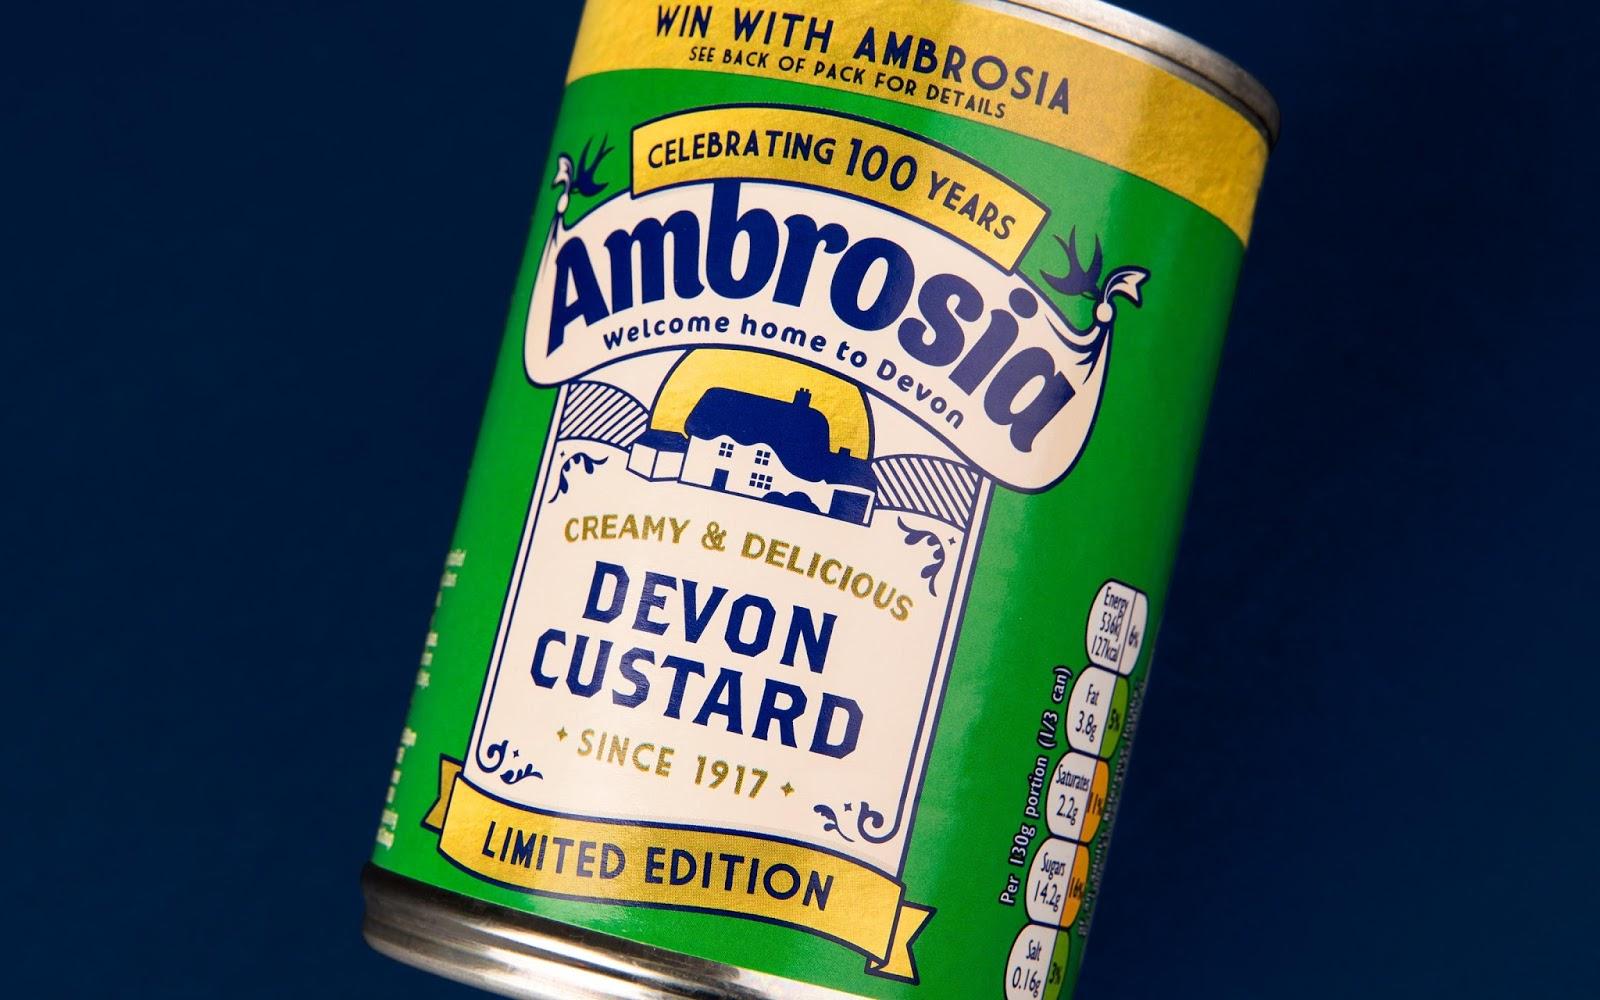 Thiết kế bao bì sản phẩm Ambrosia Centenary